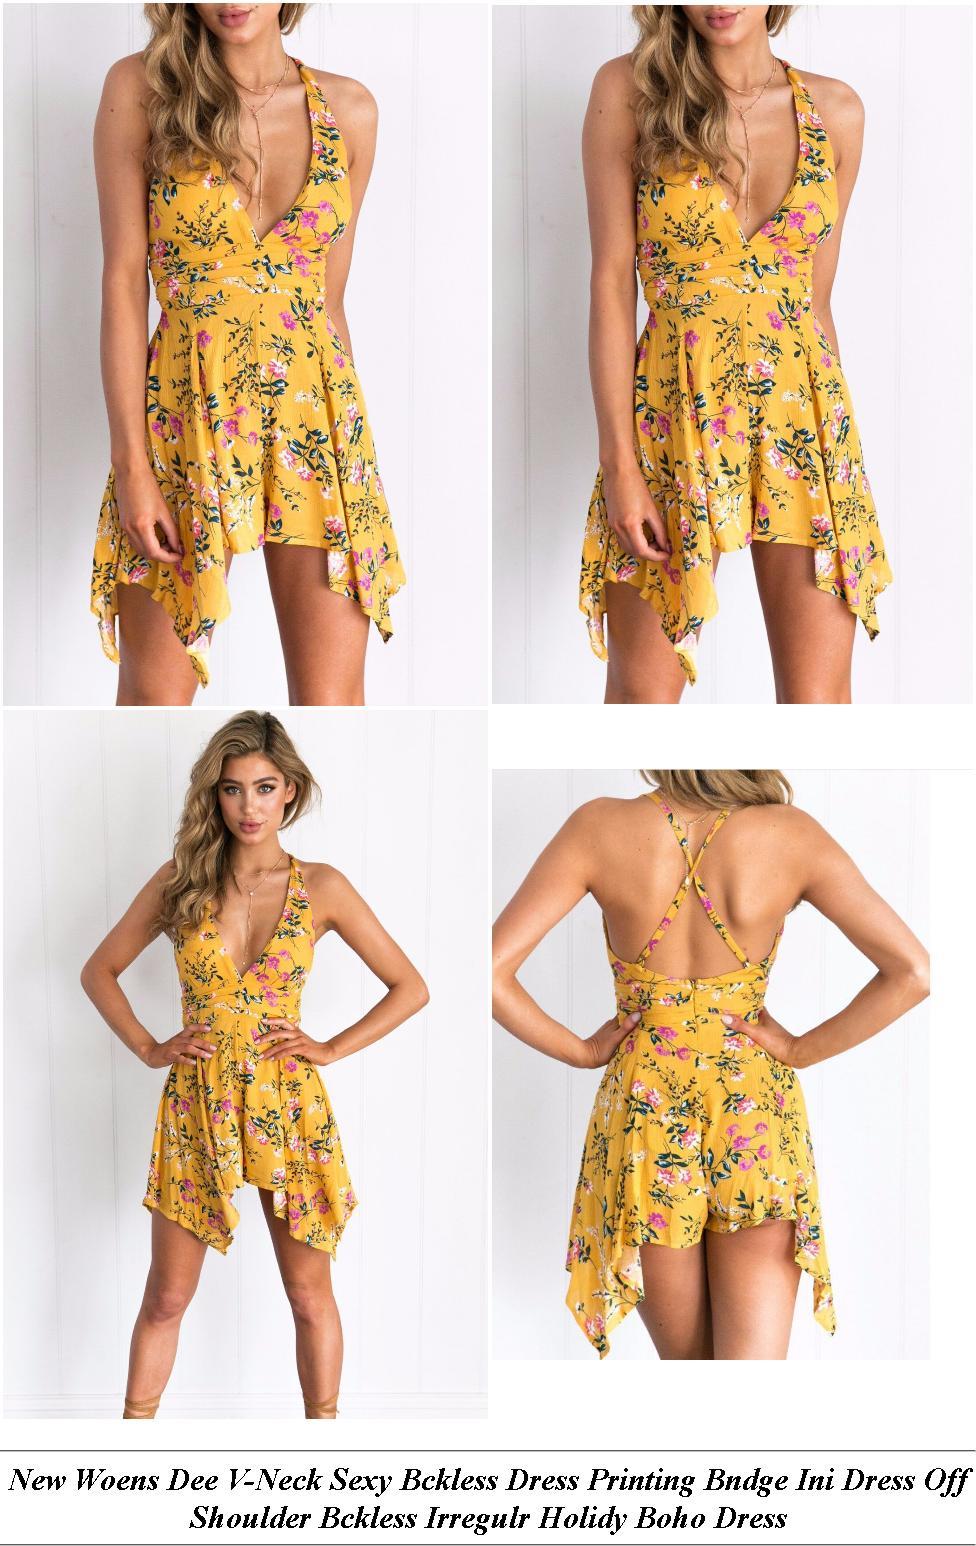 Mint Green Orange Dress - Ody Shop Summer Sale - Sparkly Short Dresses Uk